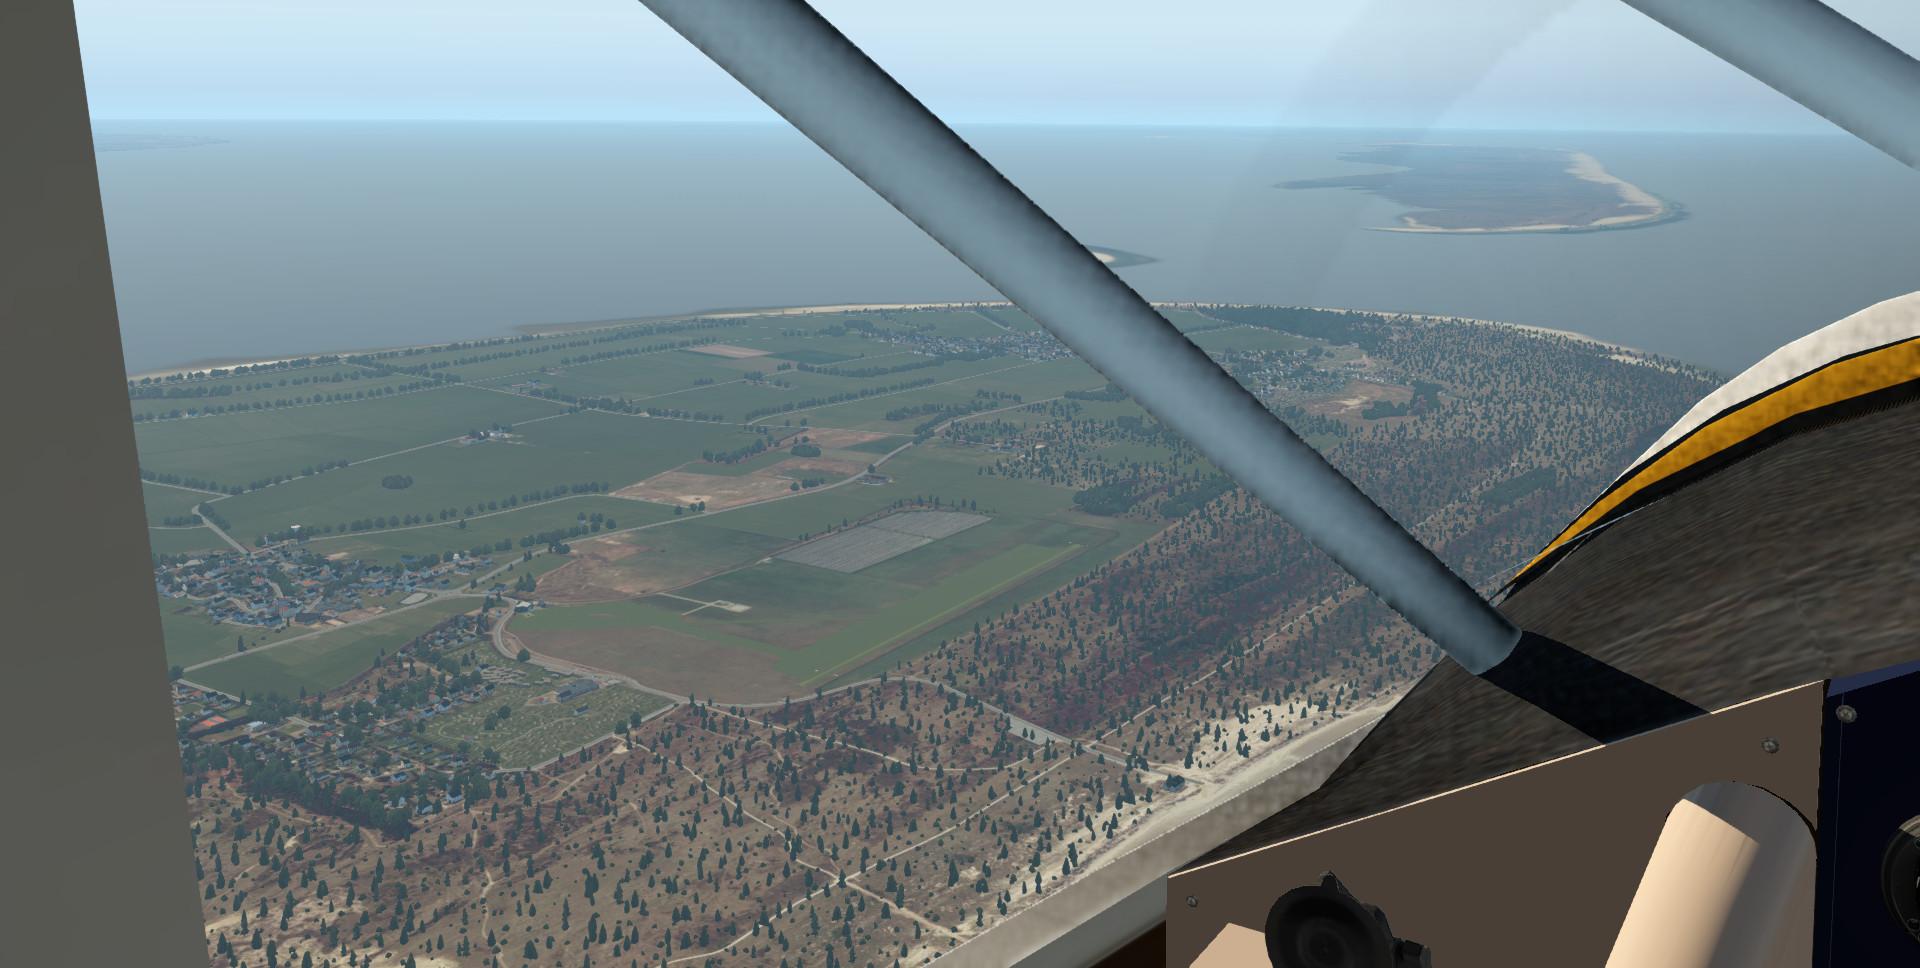 nordseerundflug-020d7k3d.jpg